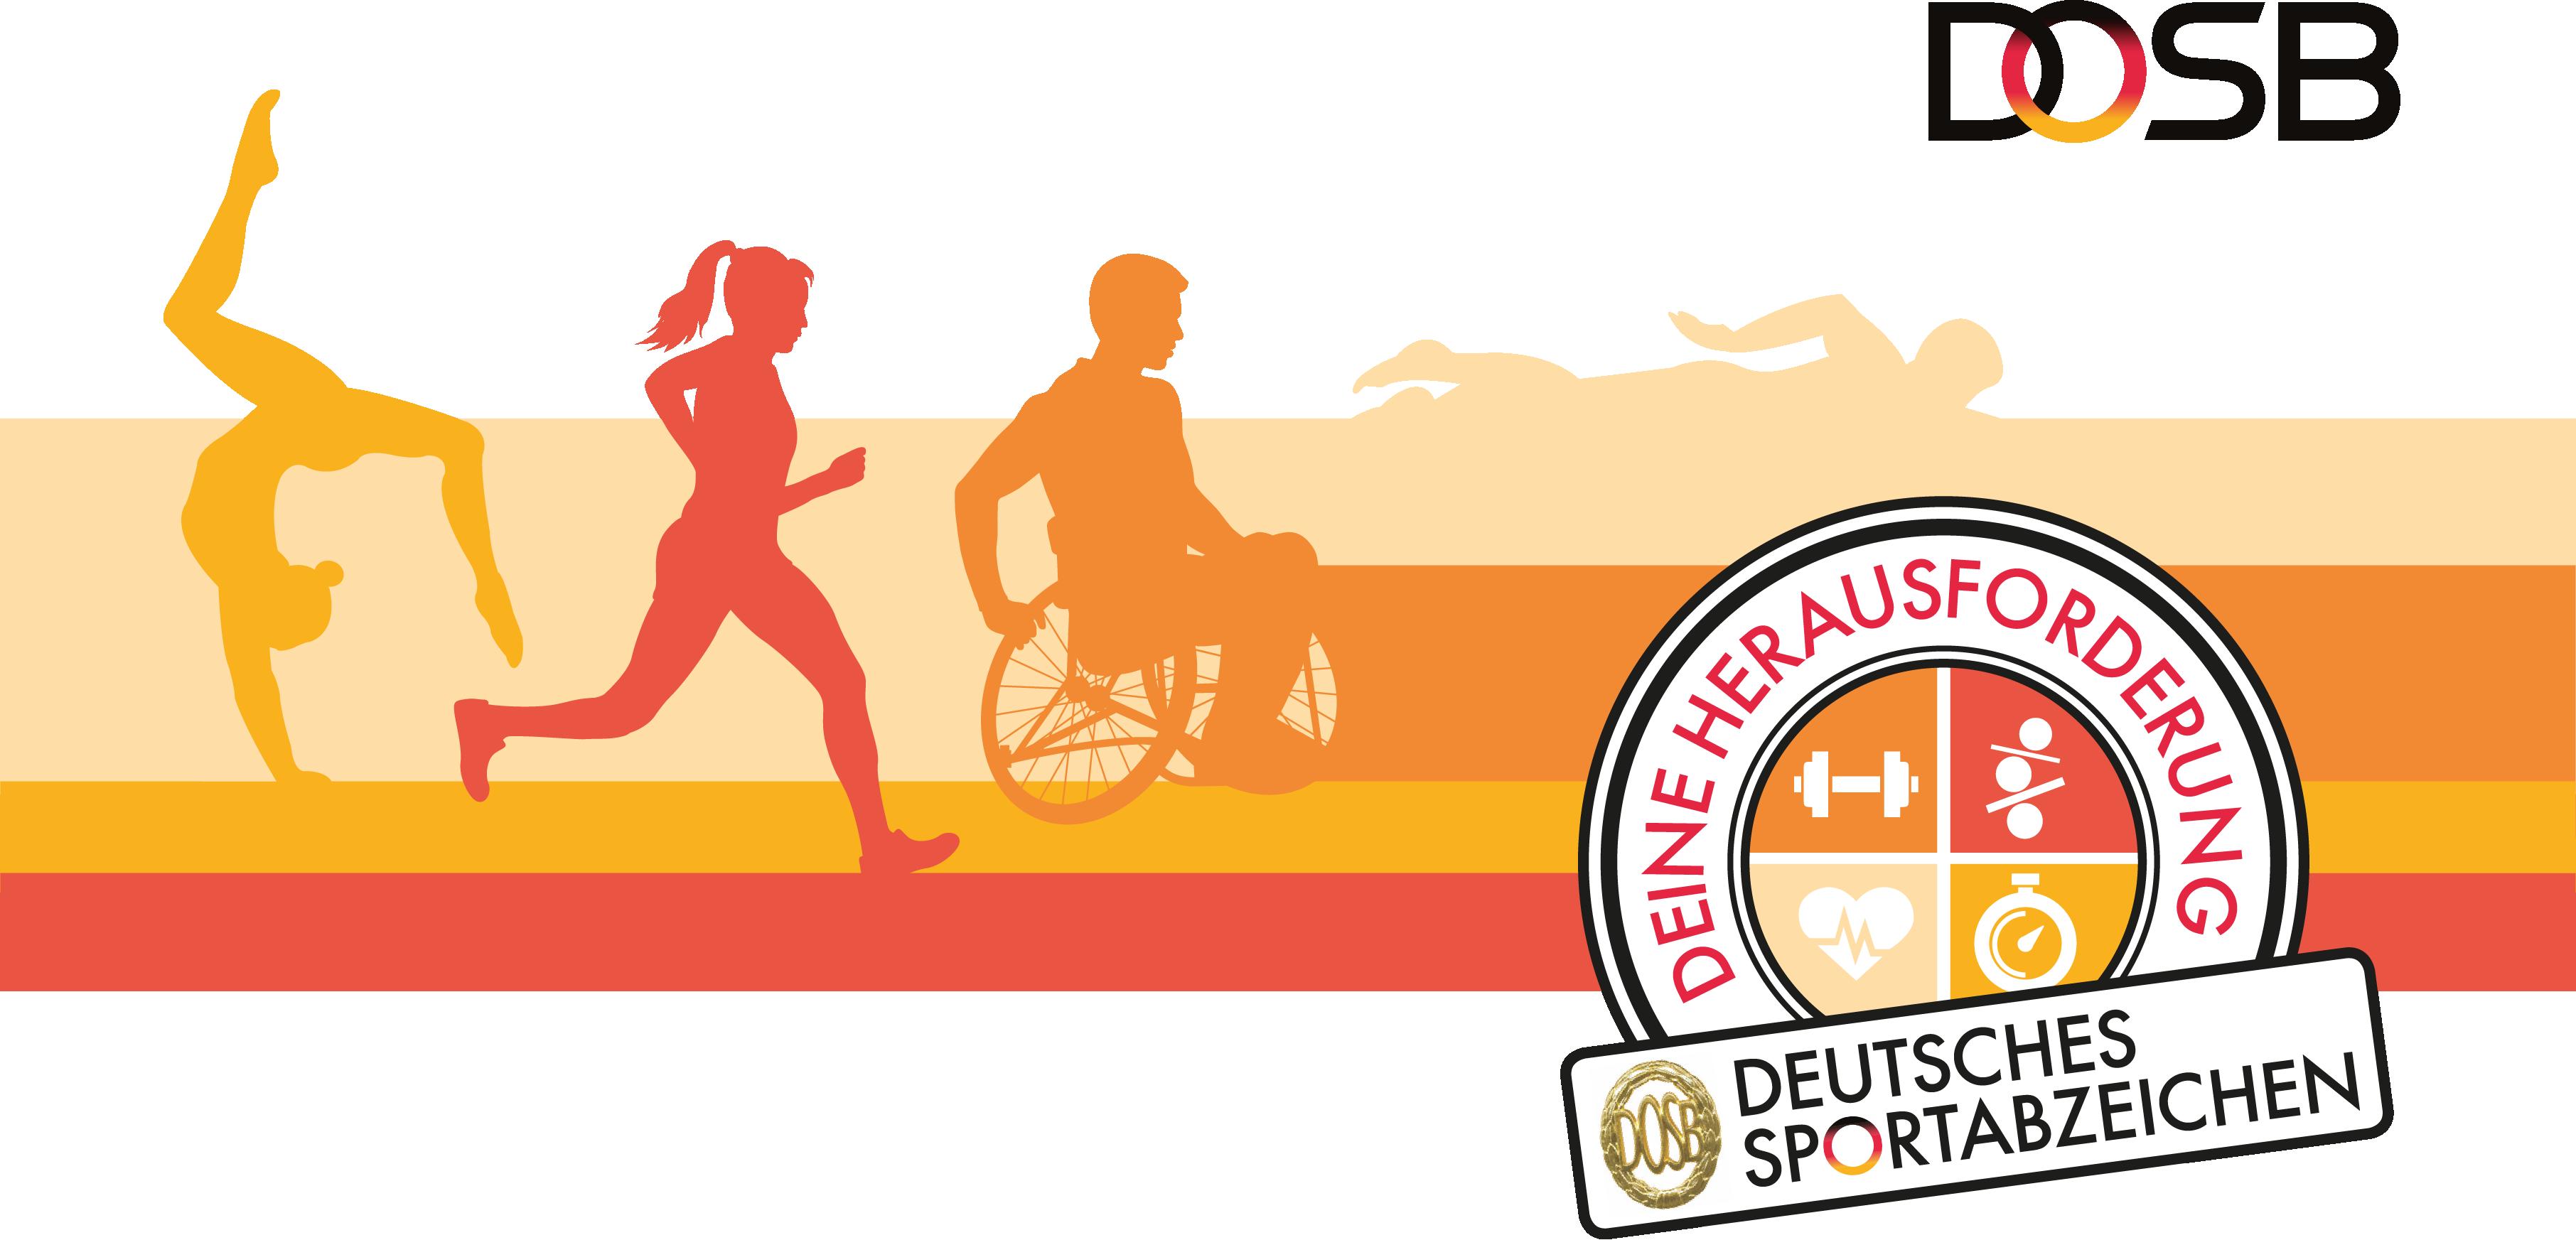 Deutsches Sportabzeichen (Header)